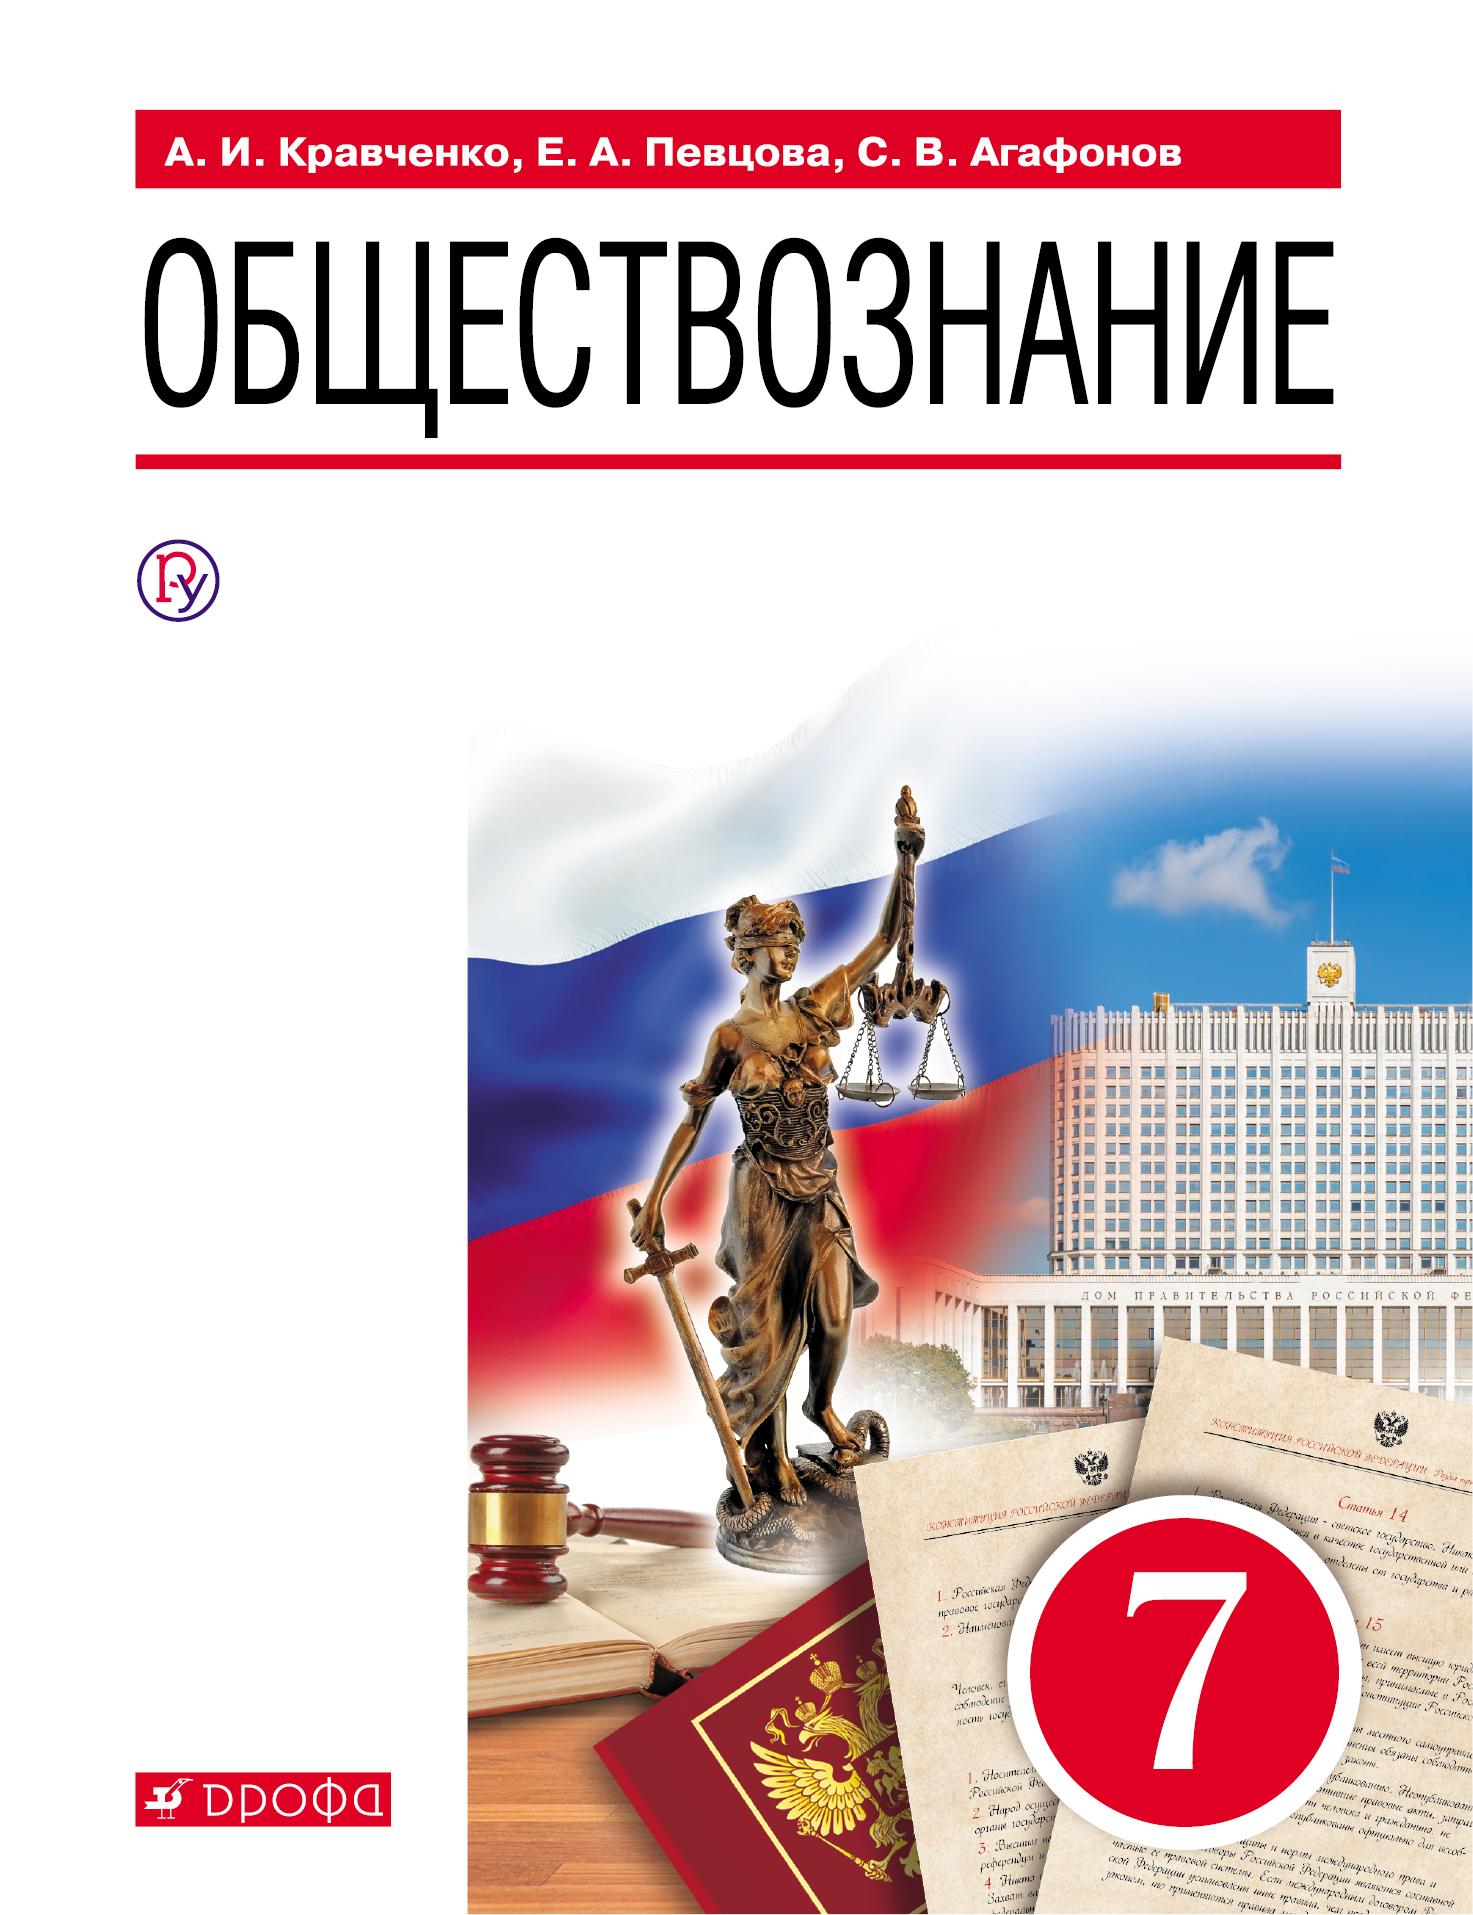 Кравченко А.И., Певцова Е.А., Агафонов С.В. Обществознание. 7 класс. Учебник